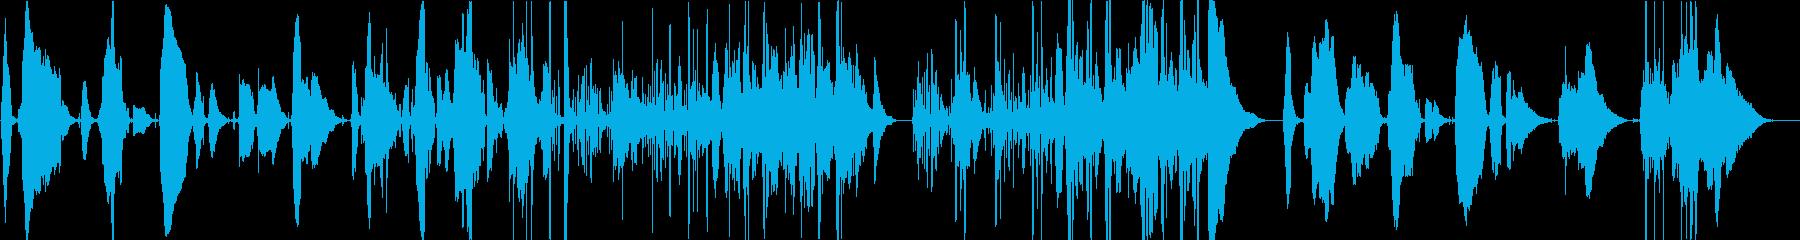 生演奏アコーディオン_希望、成長、未来への再生済みの波形